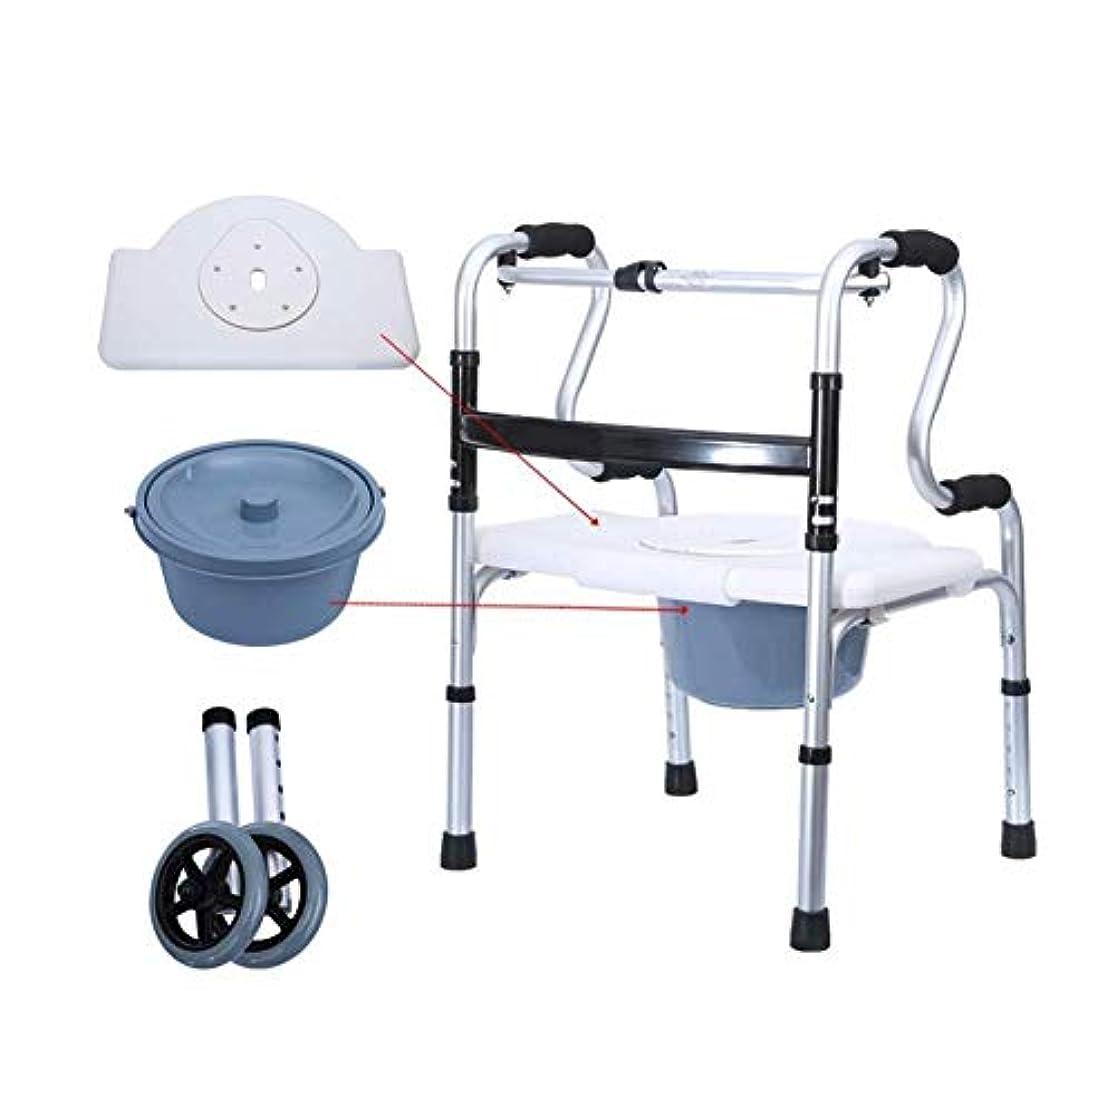 教室節約ブランク折りたたみ式軽量アルミニウム合金歩行障害者老人用松葉杖歩行補助椅子